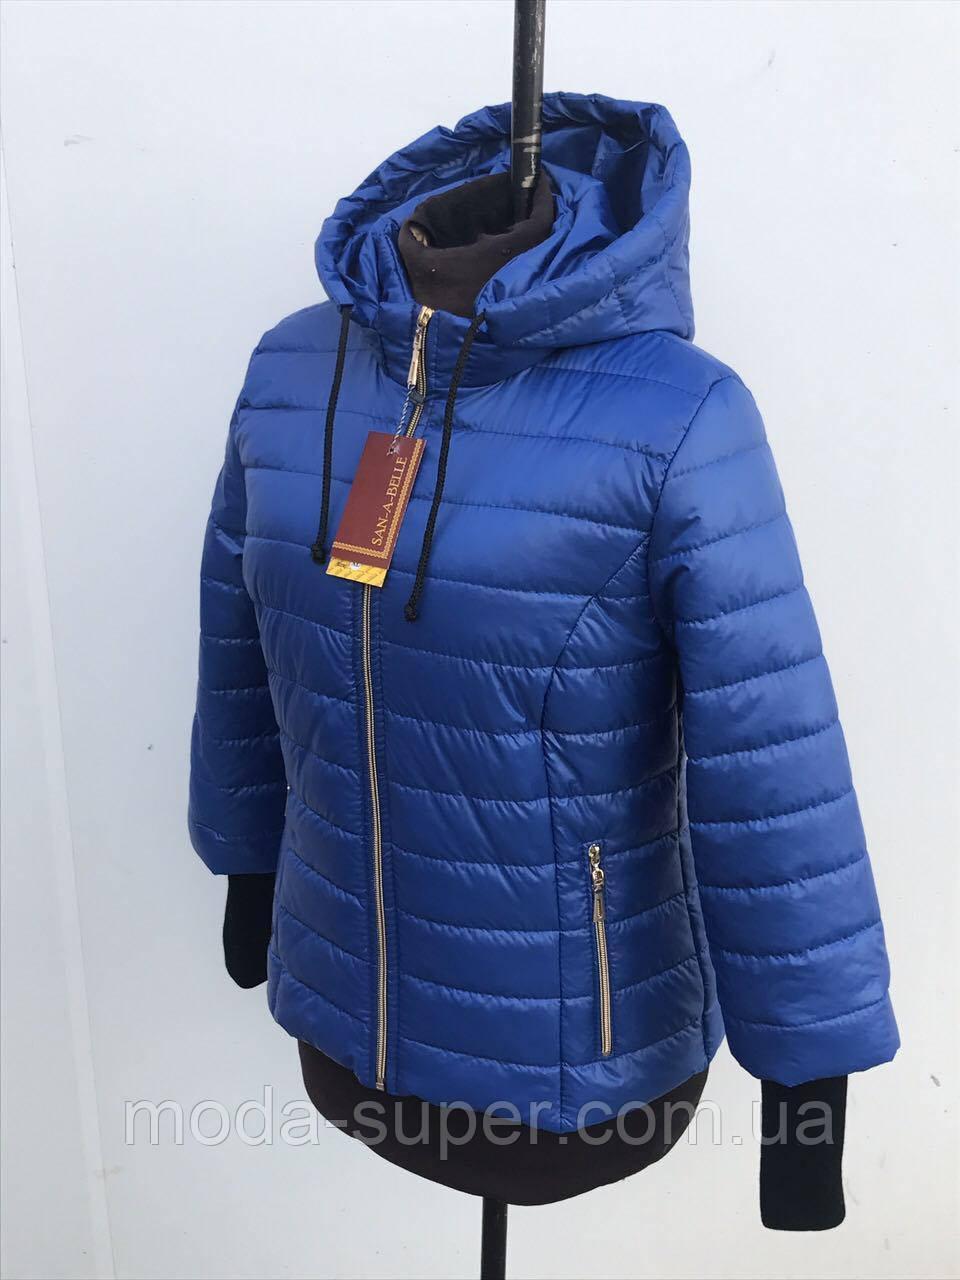 Куртка женская весенняя модель размеры 44 - 54